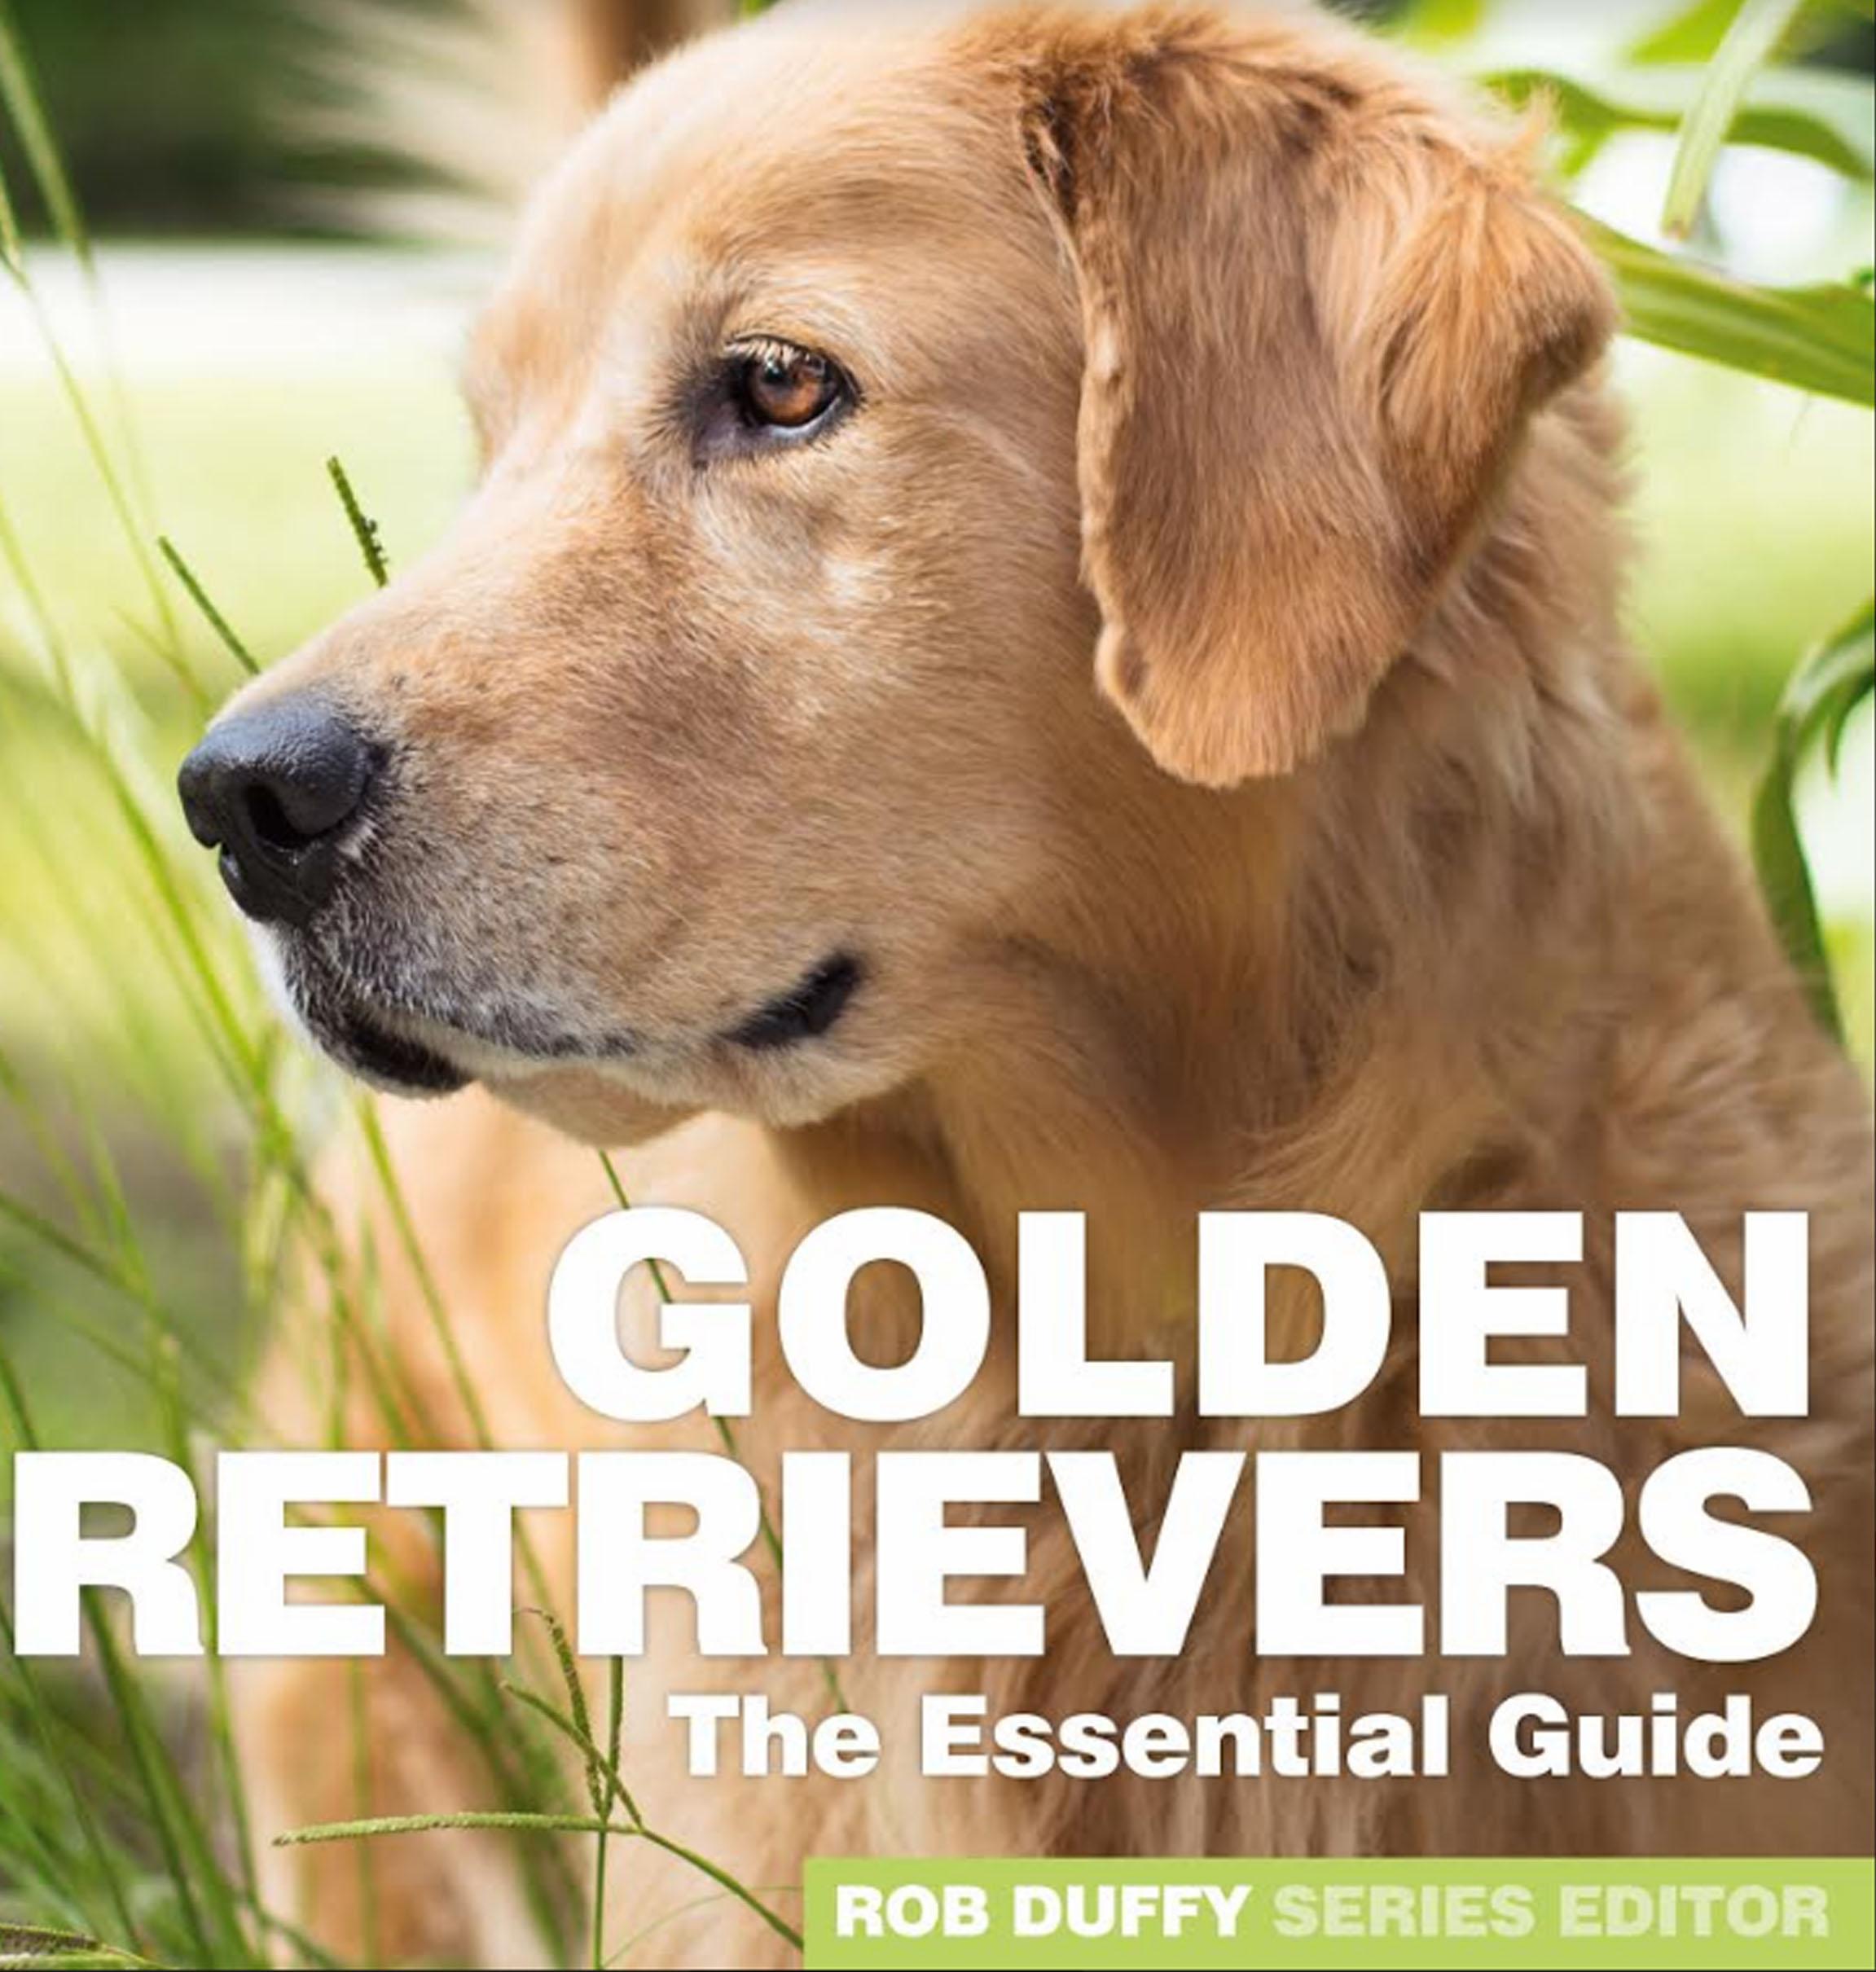 Golden Retrievers The Essential Guide